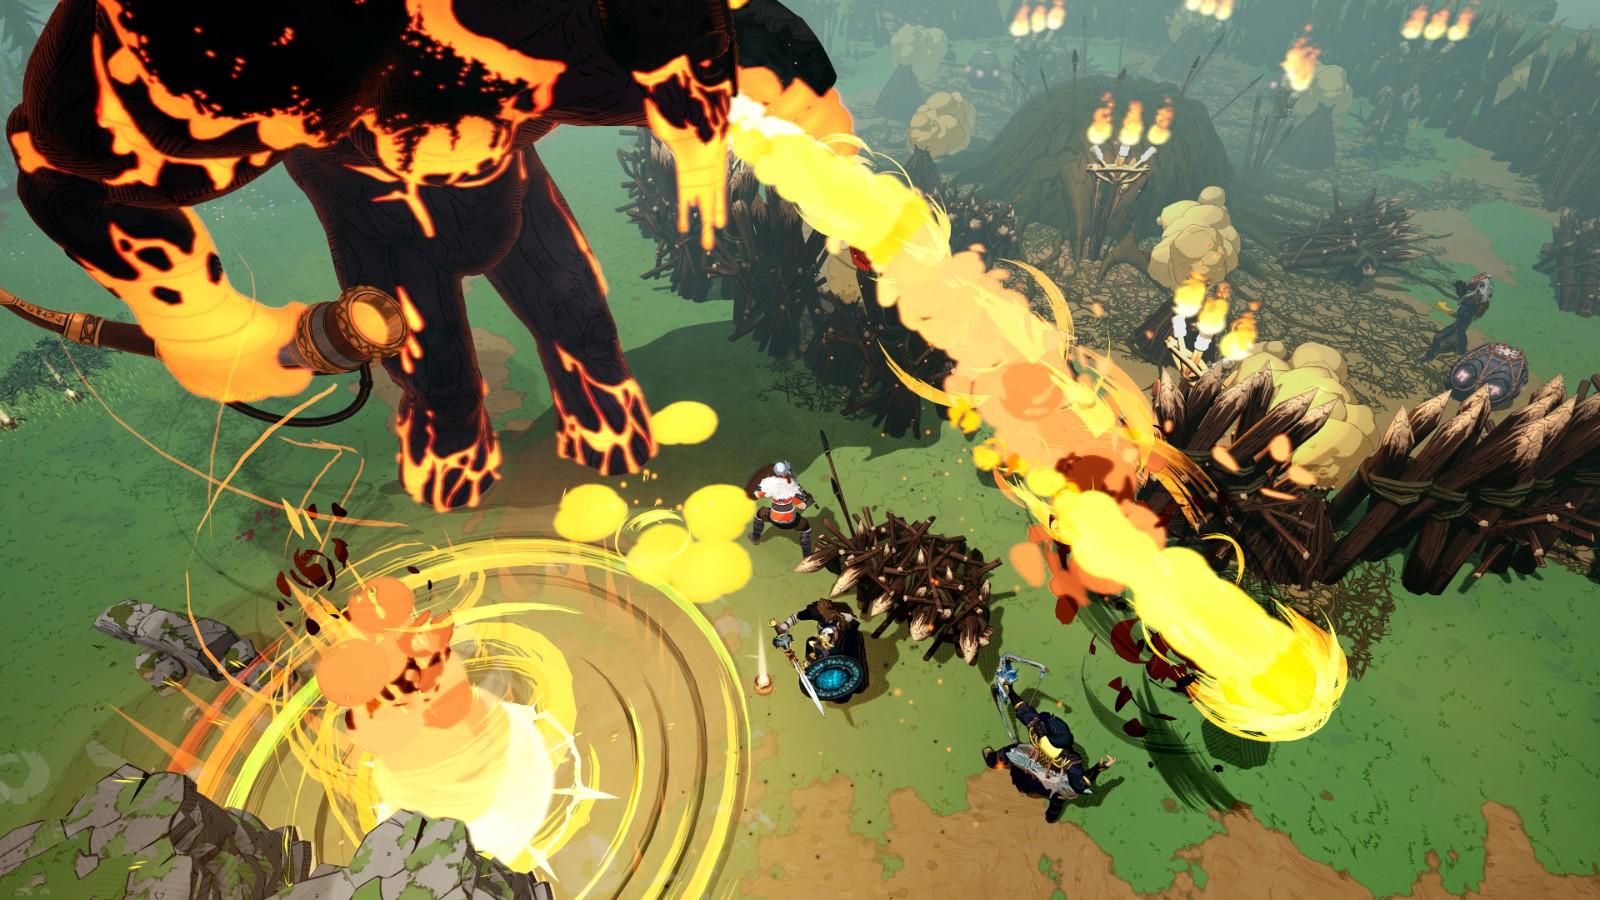 大型多人生存RPG《米德加尔德部落》发售日确定